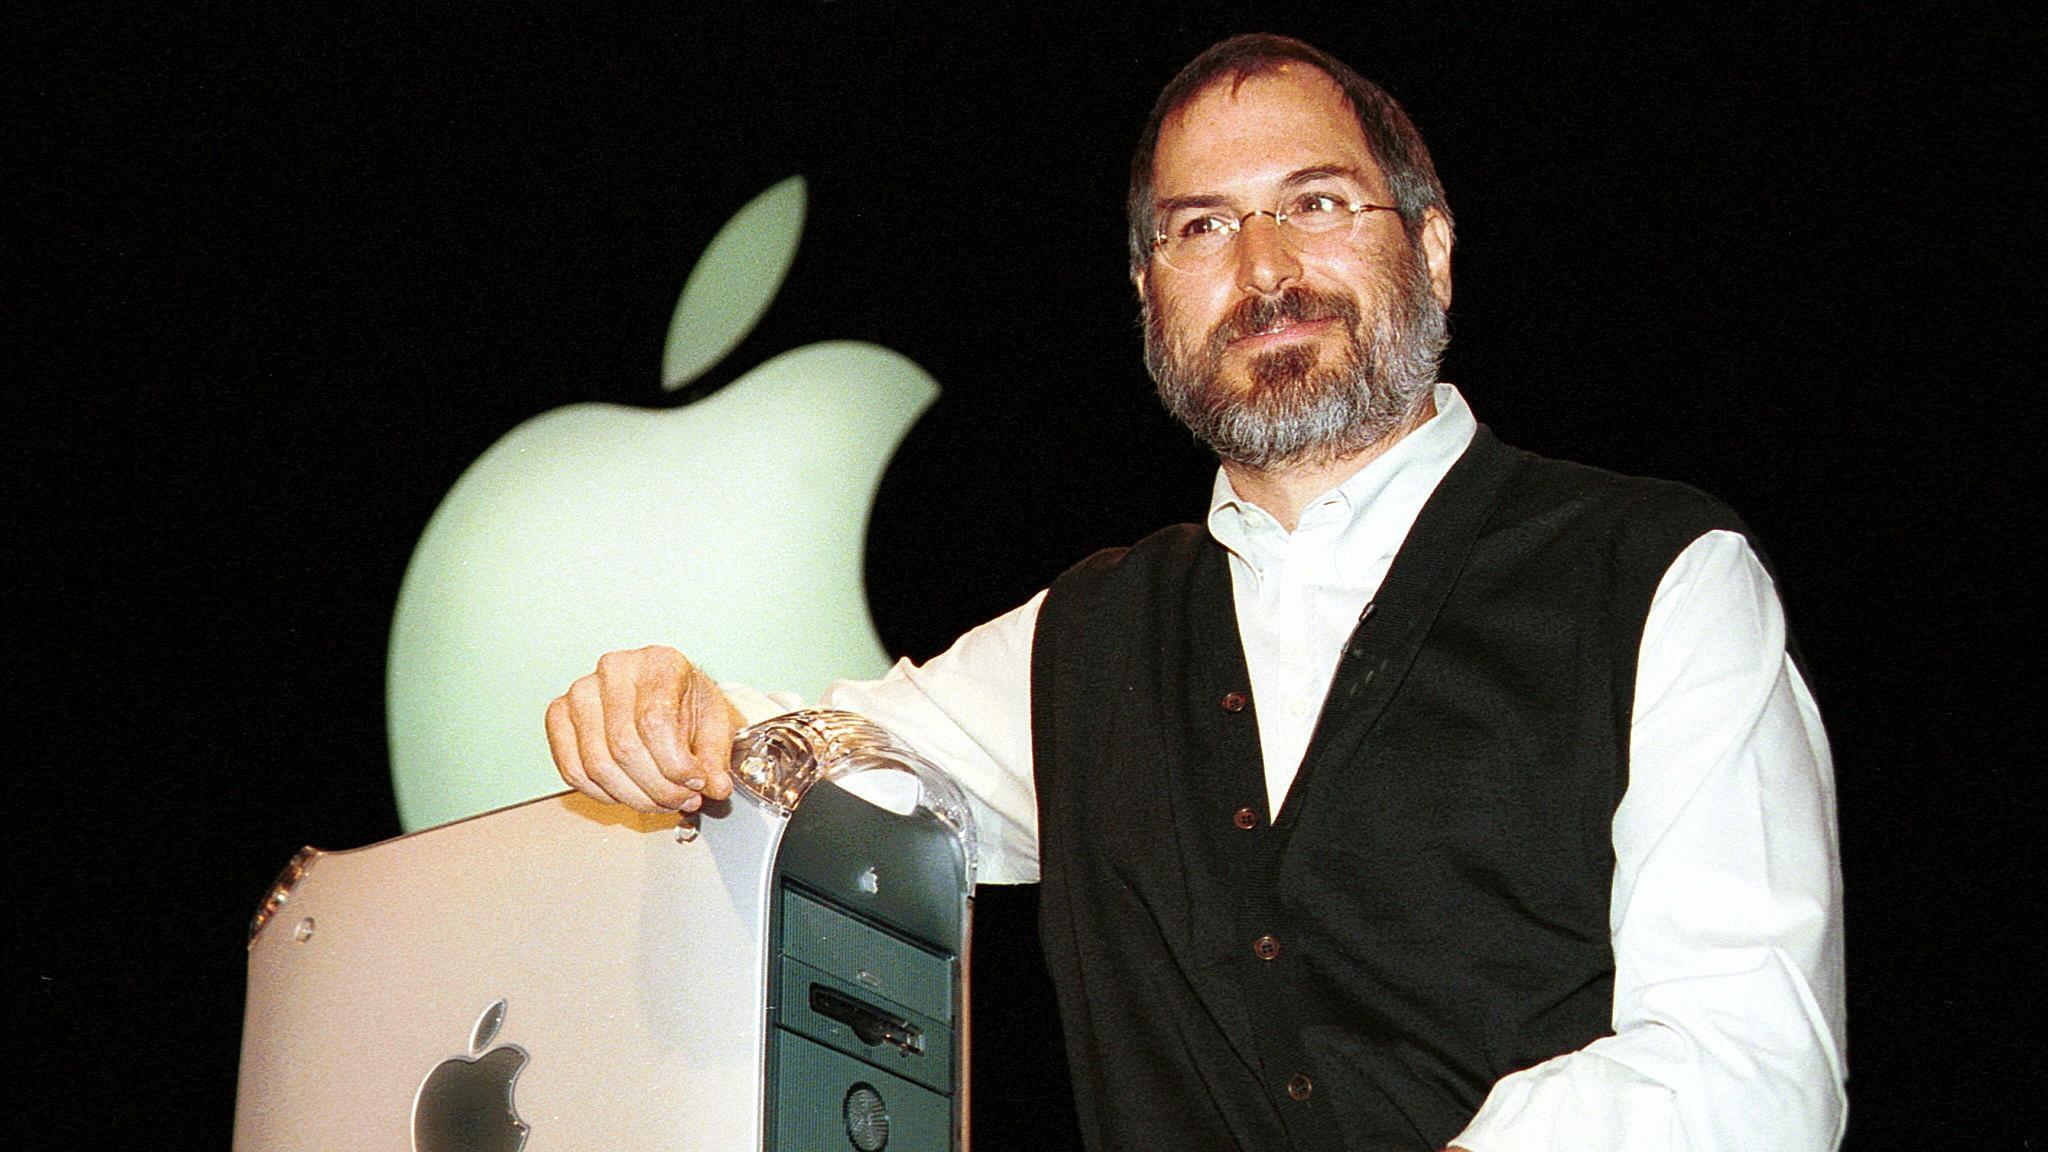 CEO Steve Jobs with keynote presentation